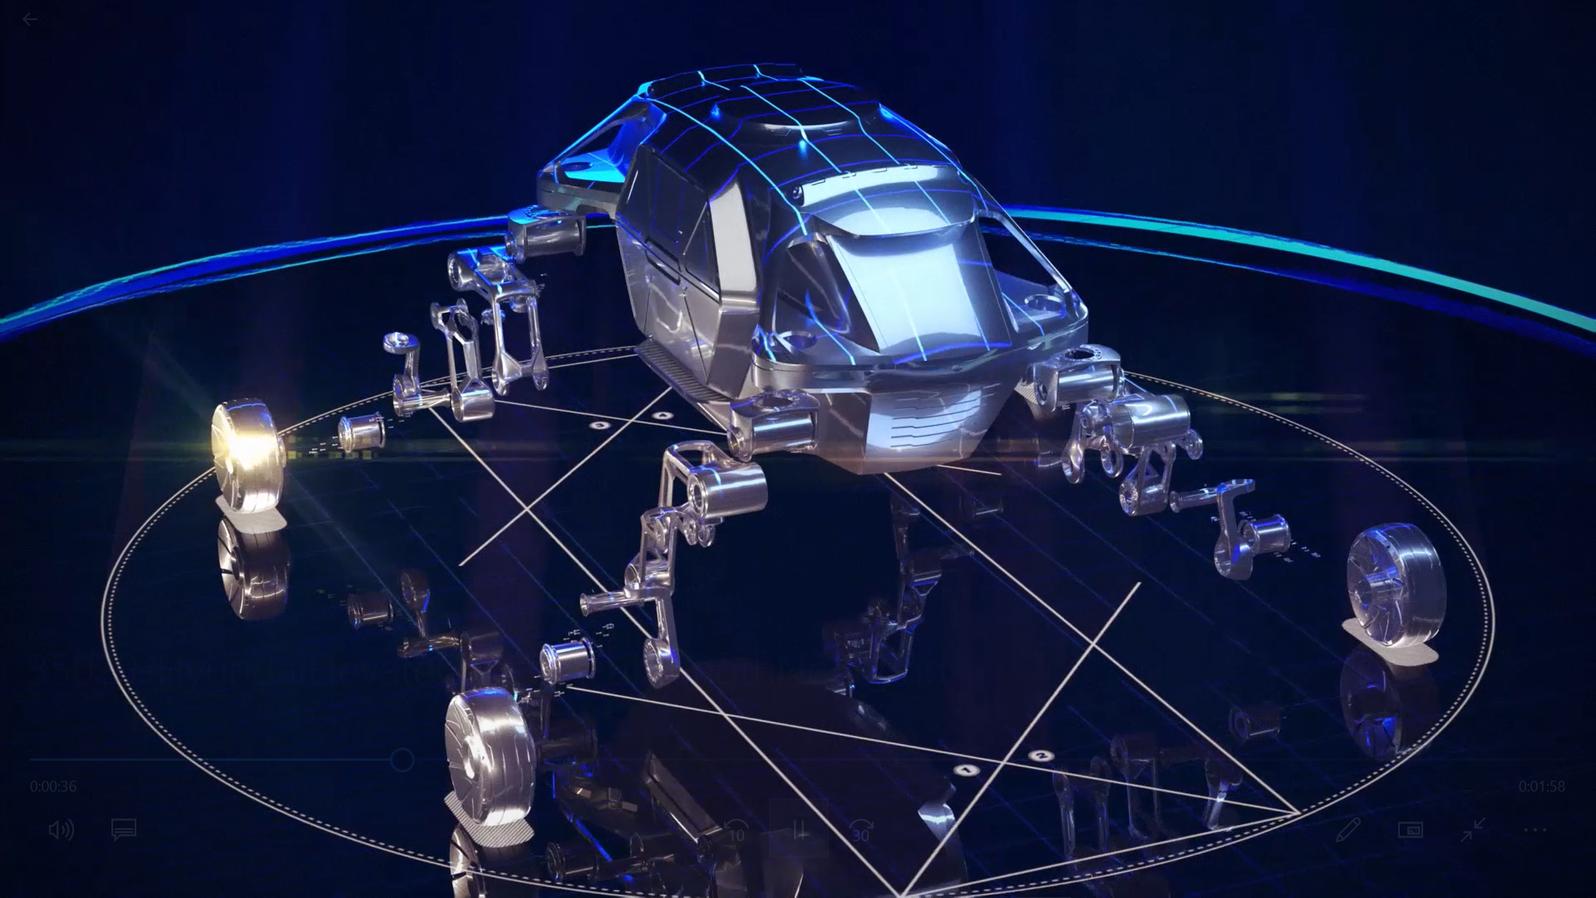 Hyundai Elevate: Xe hơi 'biến hình' thành cỗ máy đi bộ 4 chân - csNVABYHjLwQxjkex CeA7R5xkmJGgaWOAZRgH2hSCQtO0931nemSEZ69bHocrpD2bkGuN9lRBX6wA99 1b8yvNzNkS GevyFUROBxgXZgi xA0QQcr7As